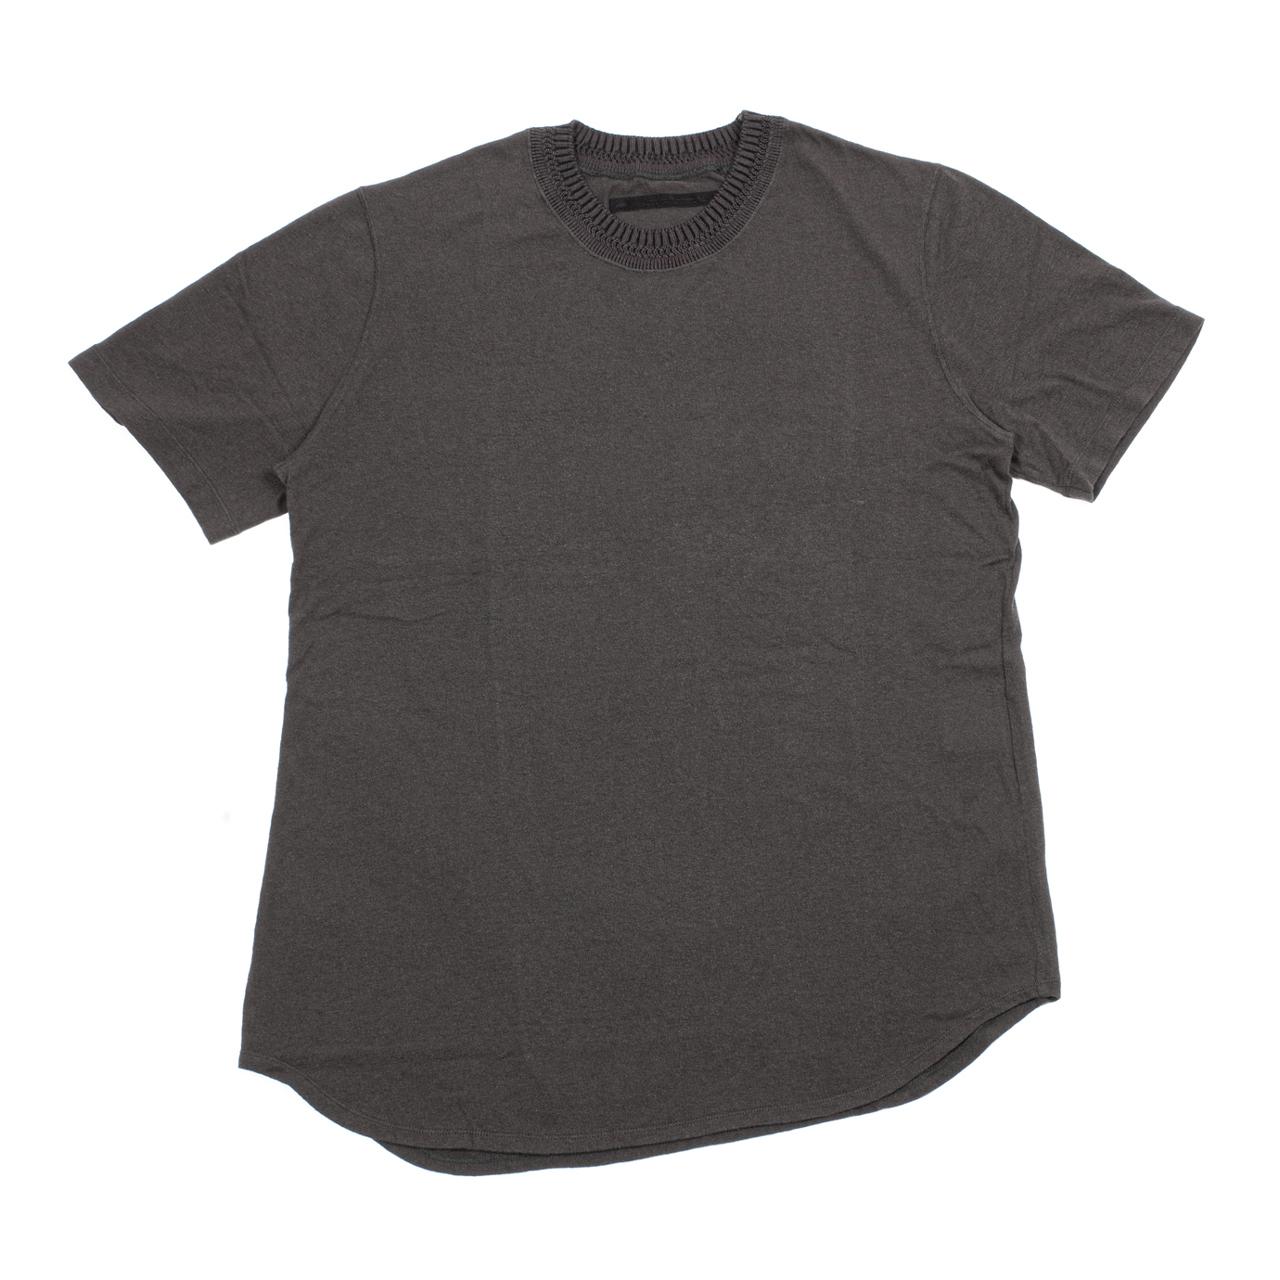 717CUM10-SLATE / ニットカラーTシャツ